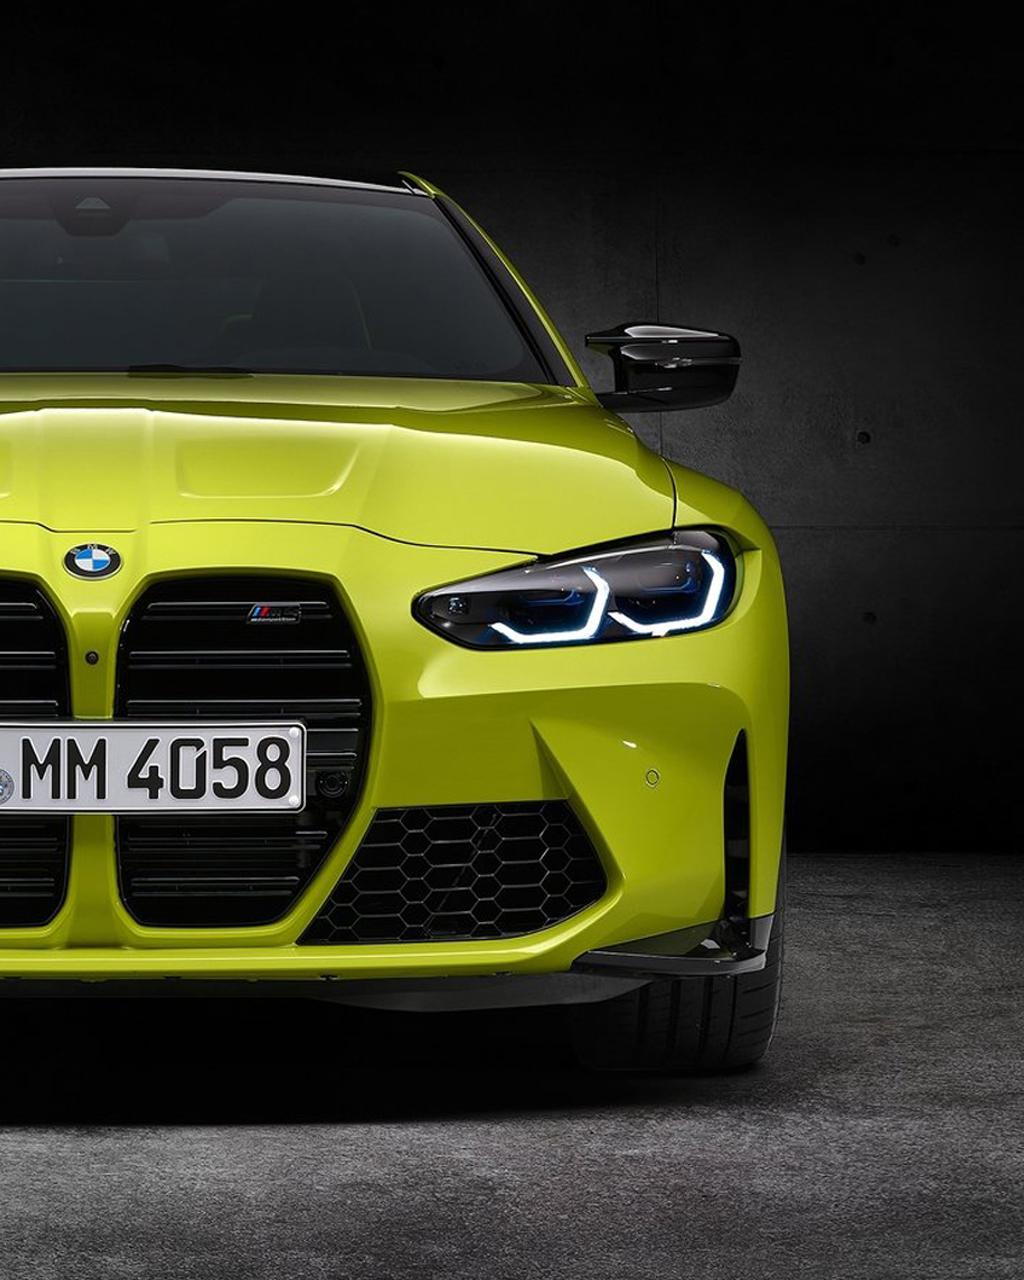 grüner BMW M3/M4 Frontview auf dunklem Hintergrund